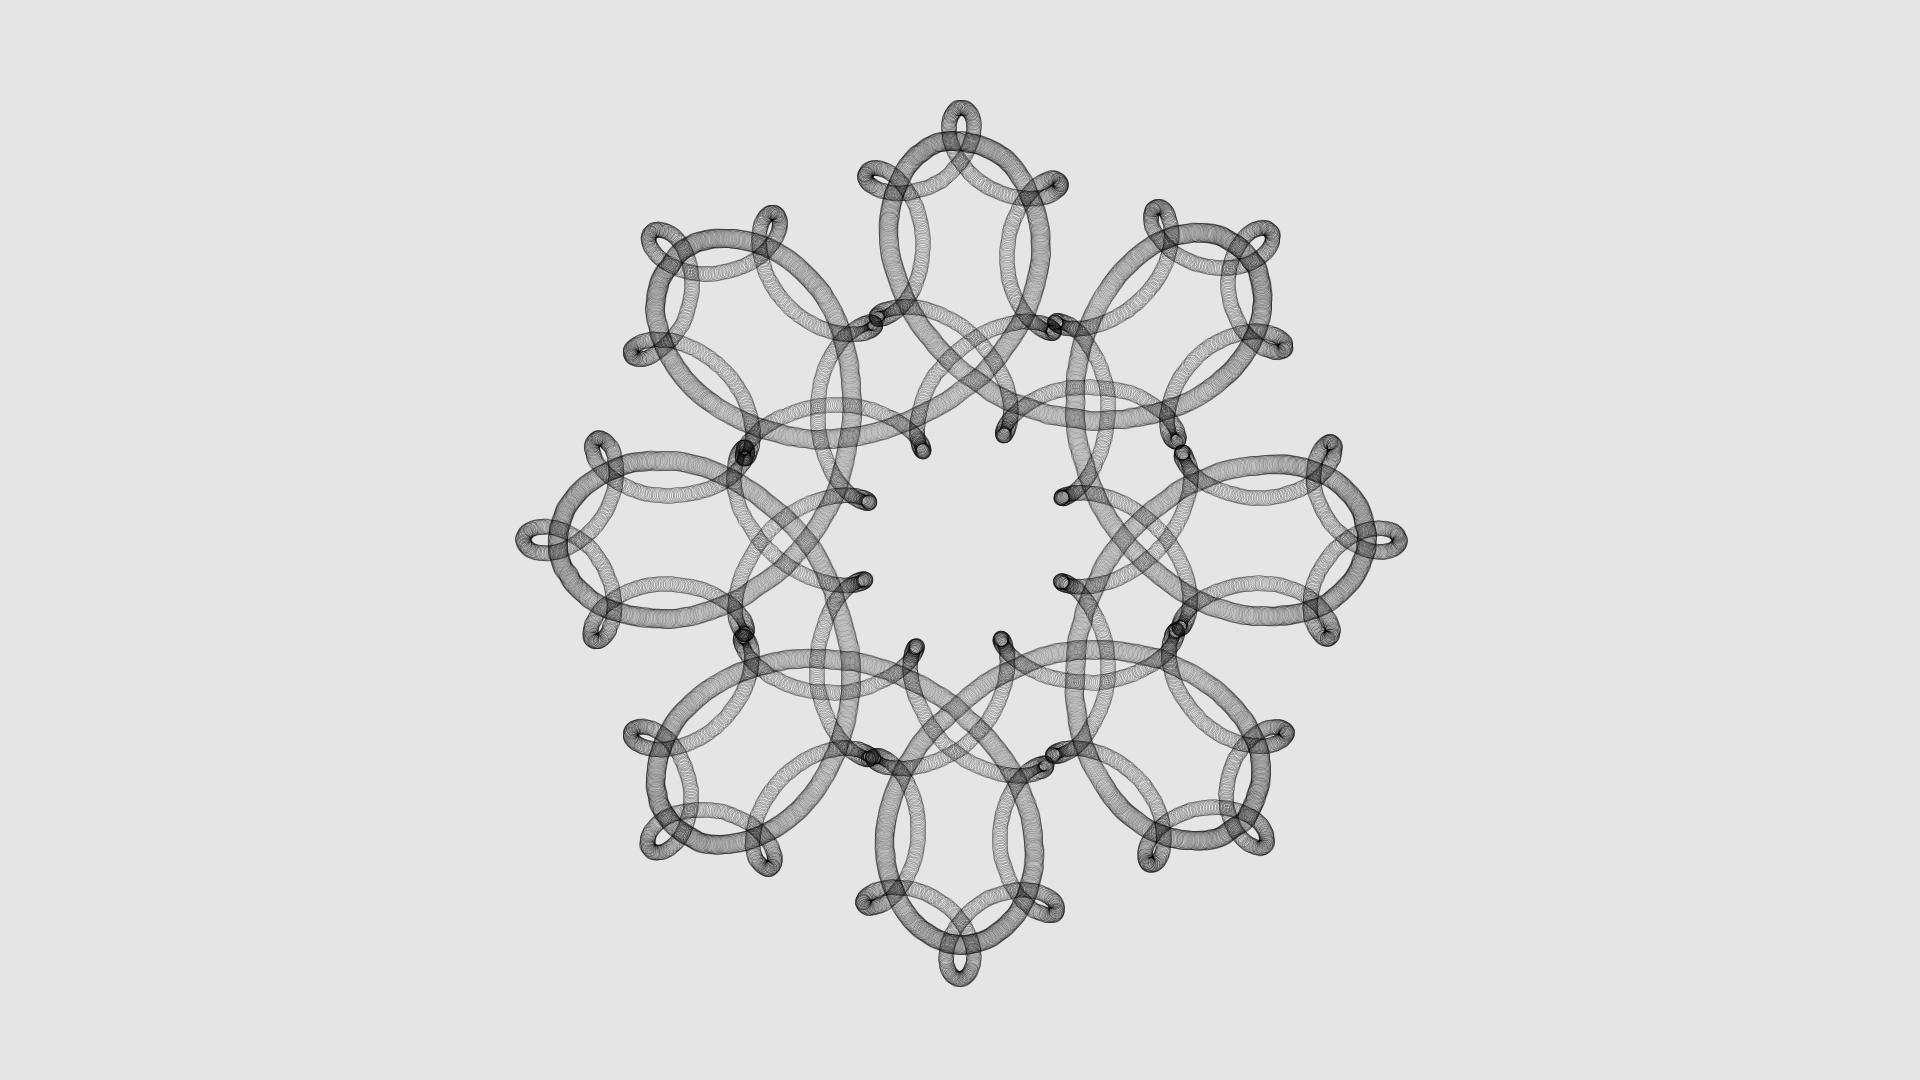 d2-C-MR-m0.001-M6E8-F8592-1074-179-O262.48022-136.37668-33.22606-D66.0-19.0-15.0.png